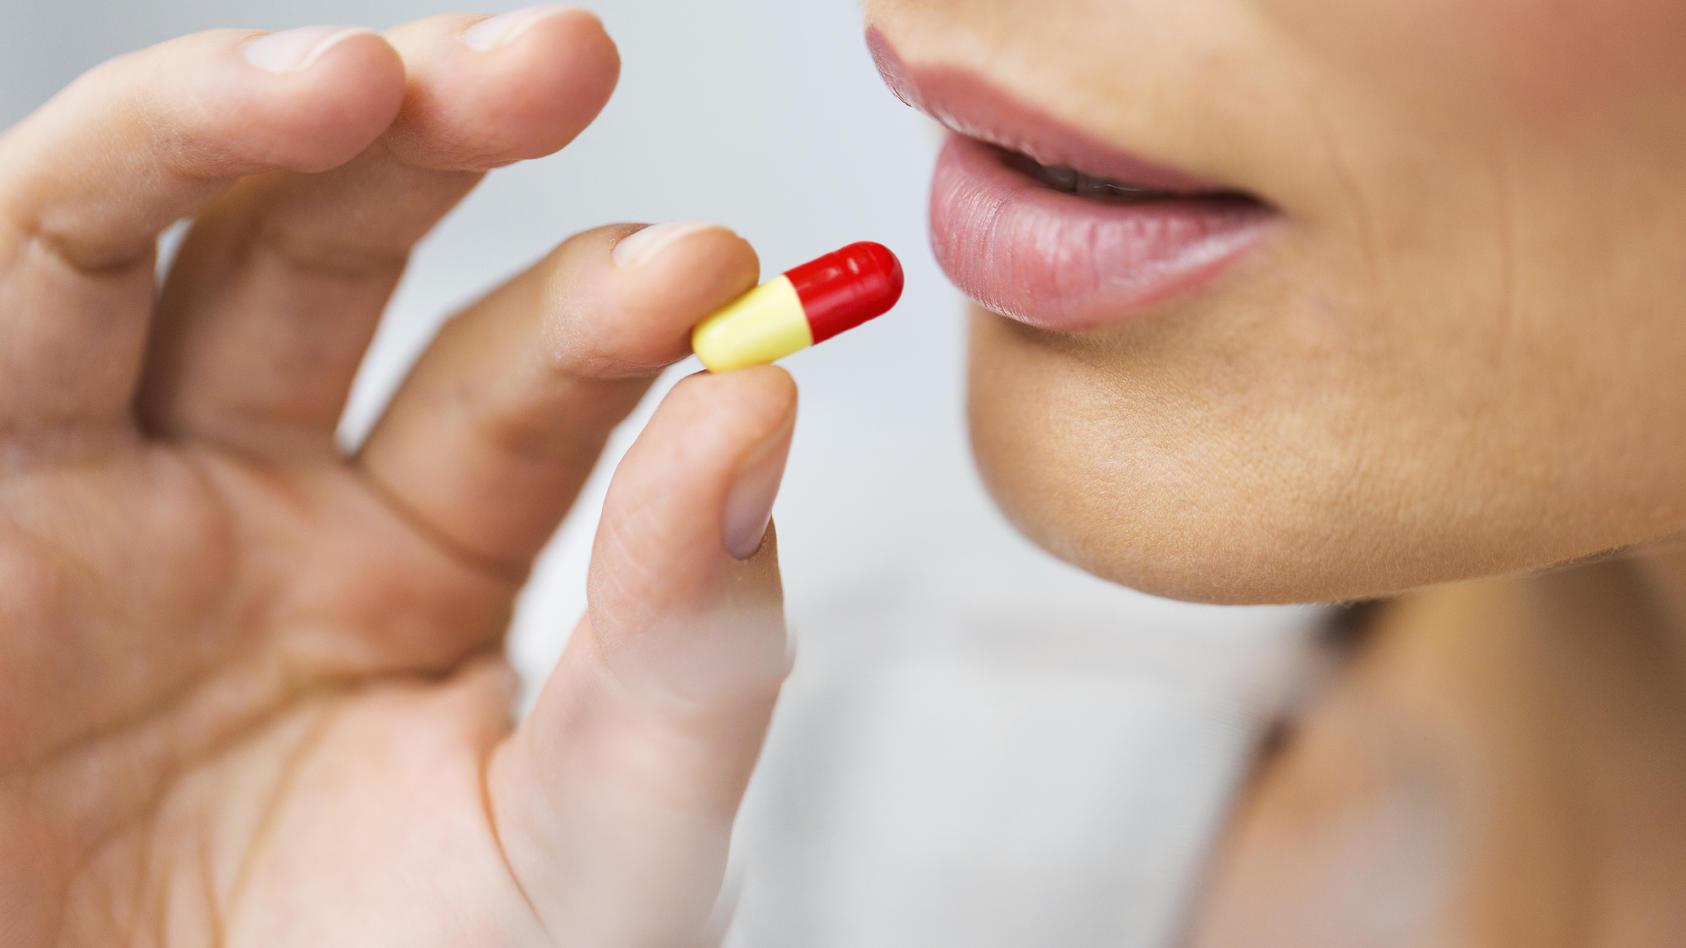 Die häuftigsten Irrtümer über Antibiotika